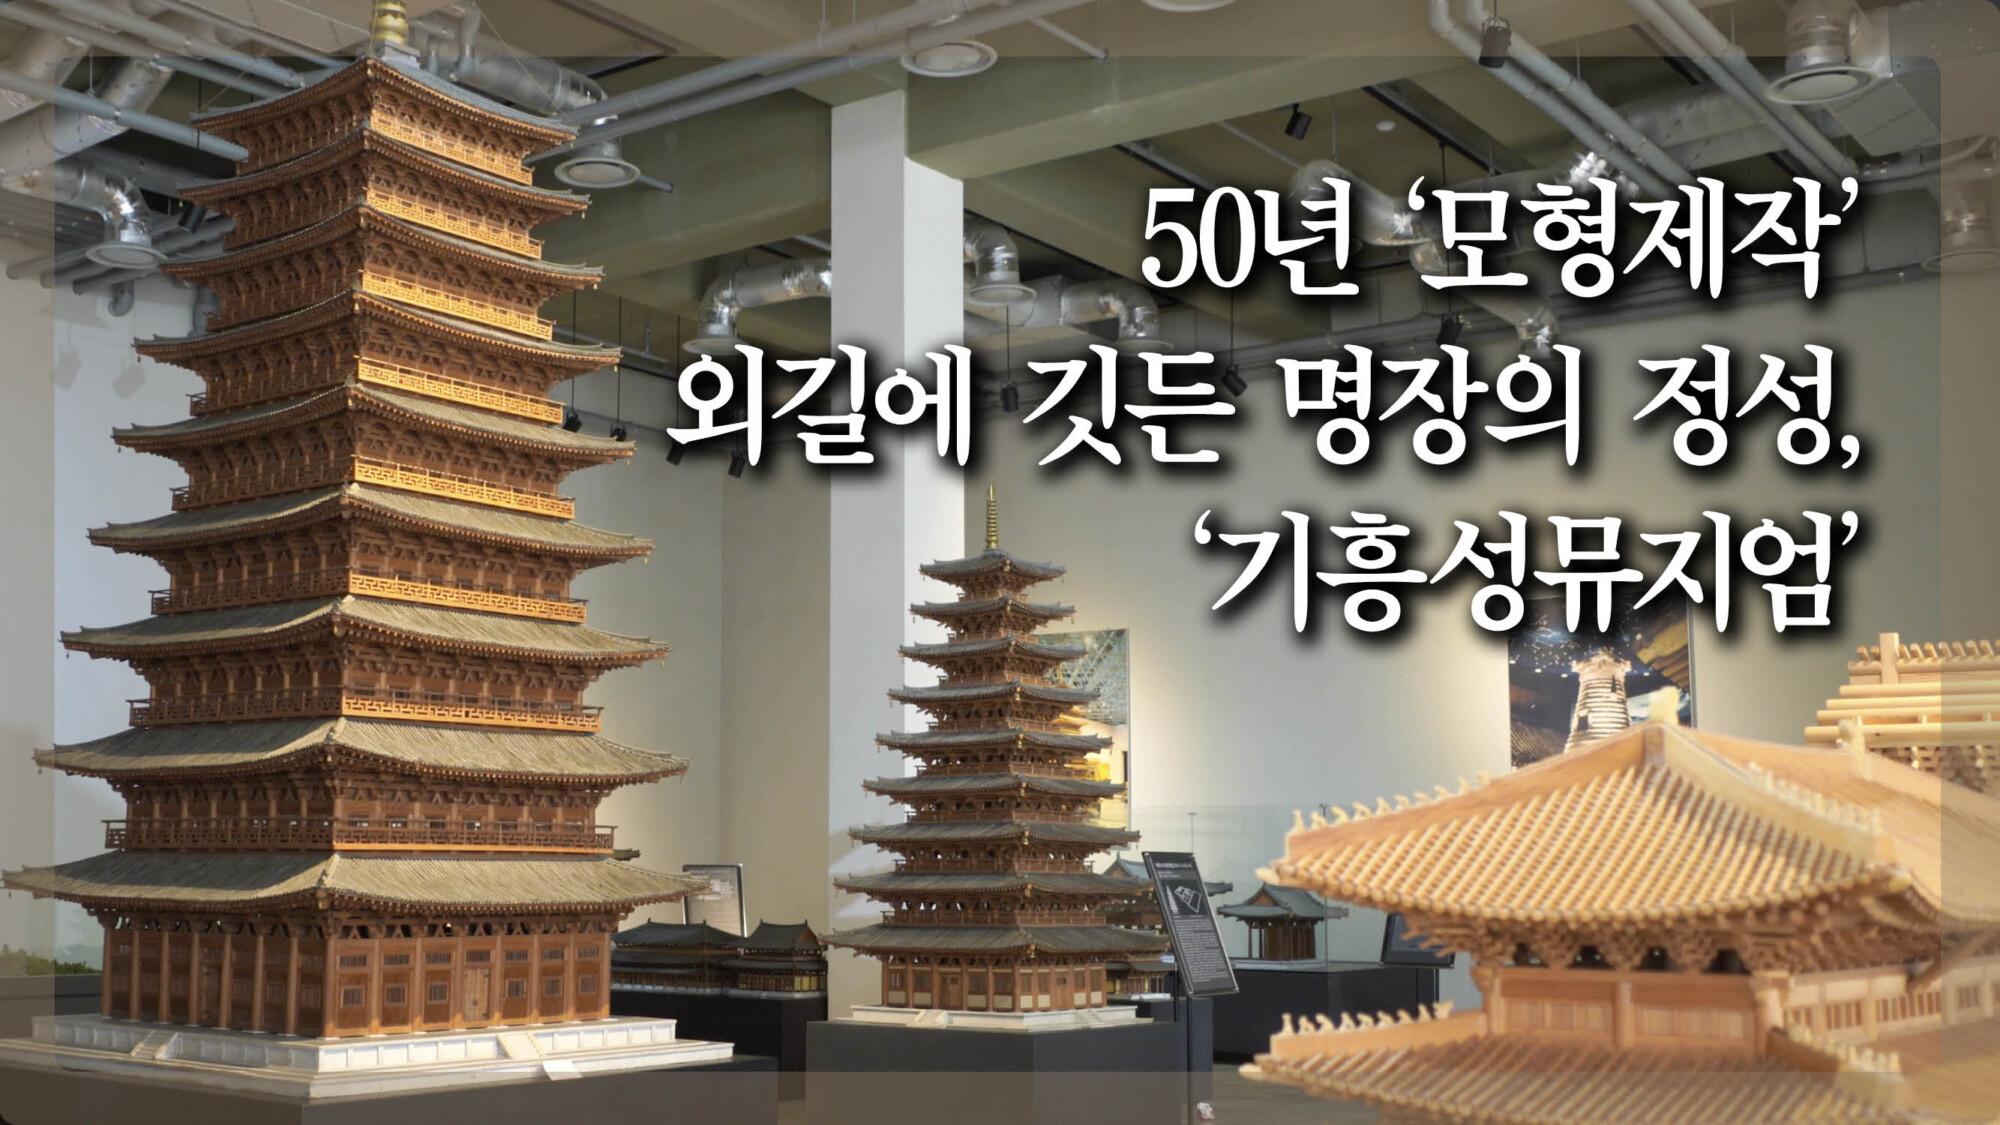 50년 '모형제작' 외길에 깃든 명장의 정성, '기흥성뮤지엄'